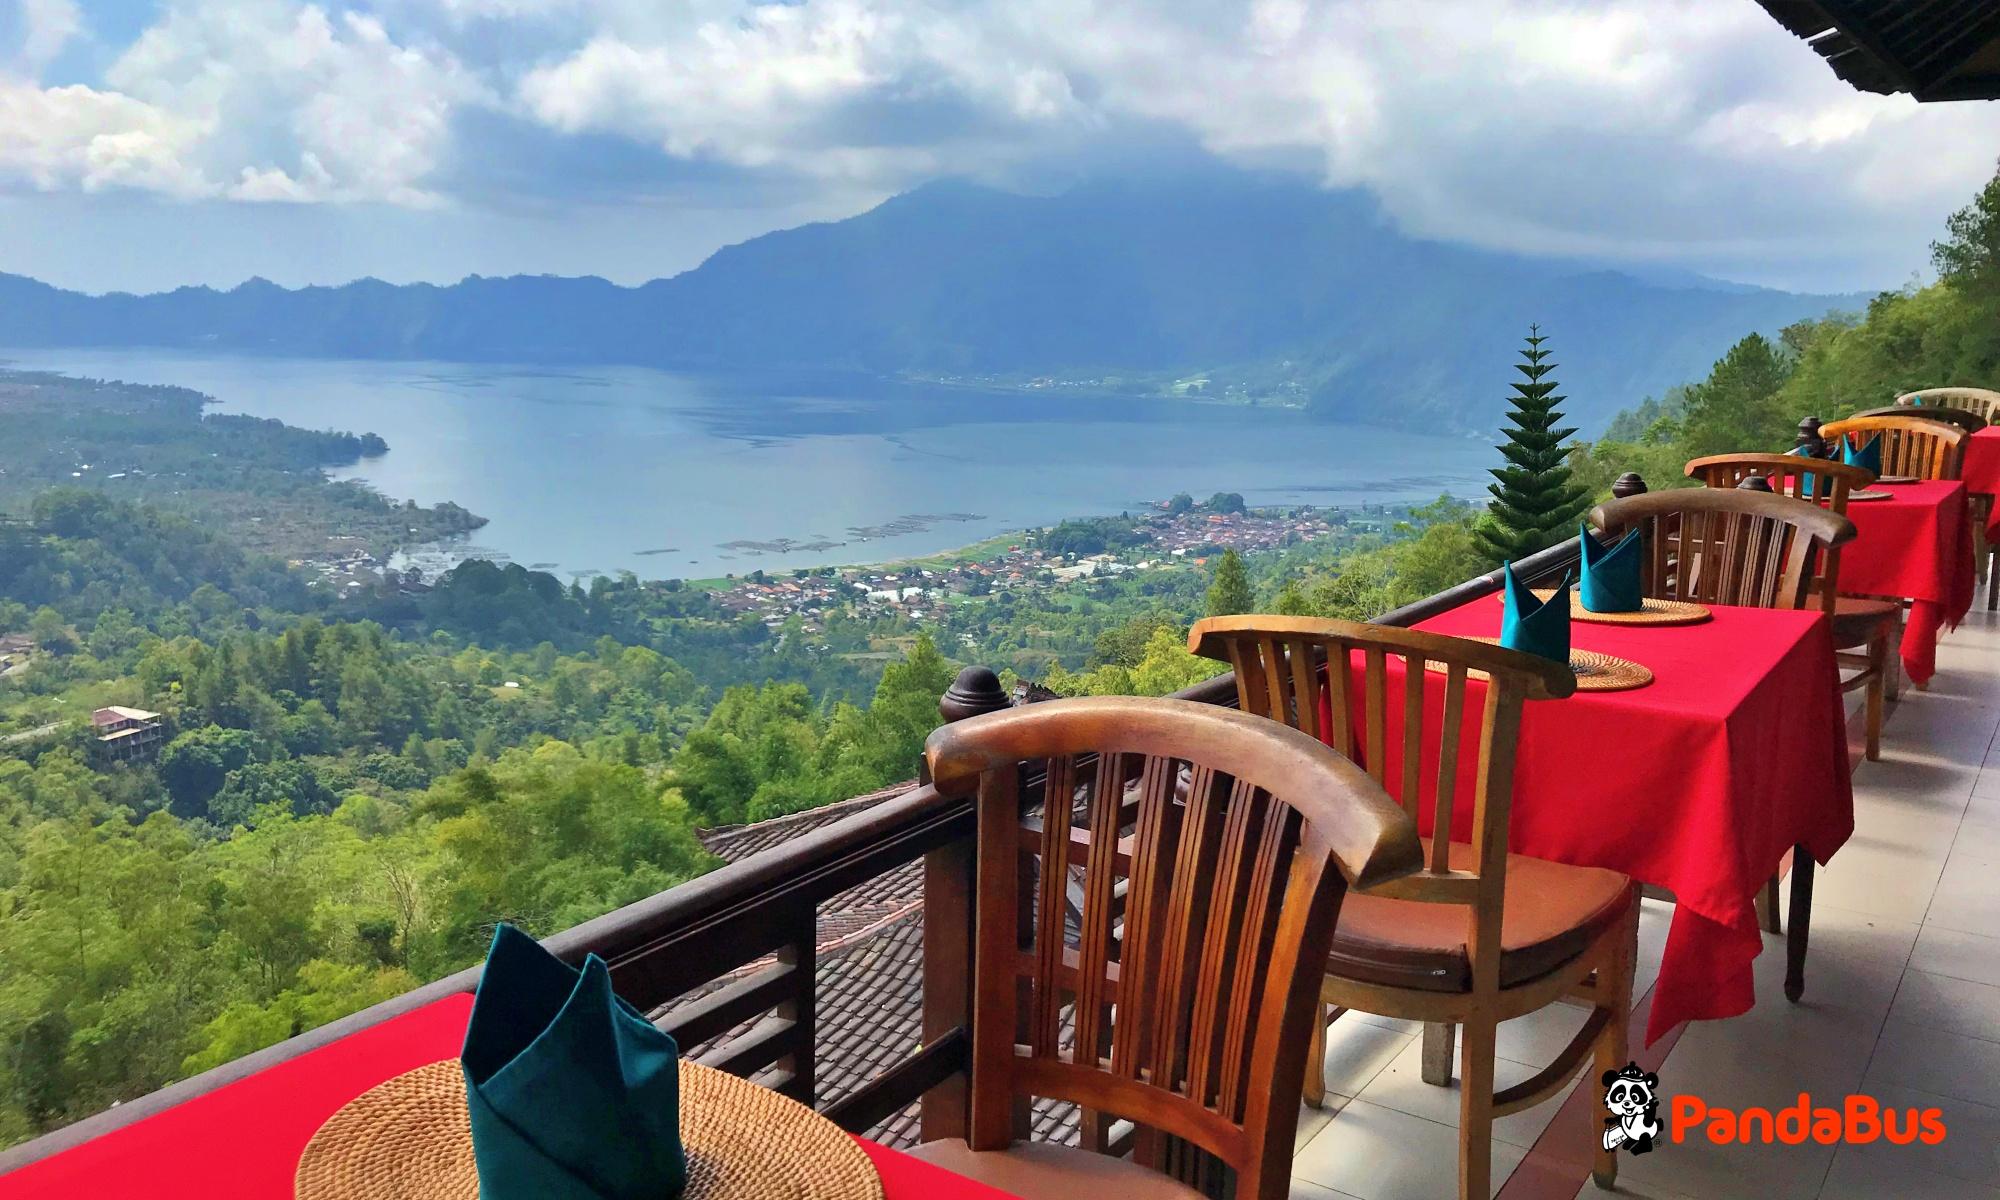 世界遺産『バトゥール湖』を眺めながらのご昼食